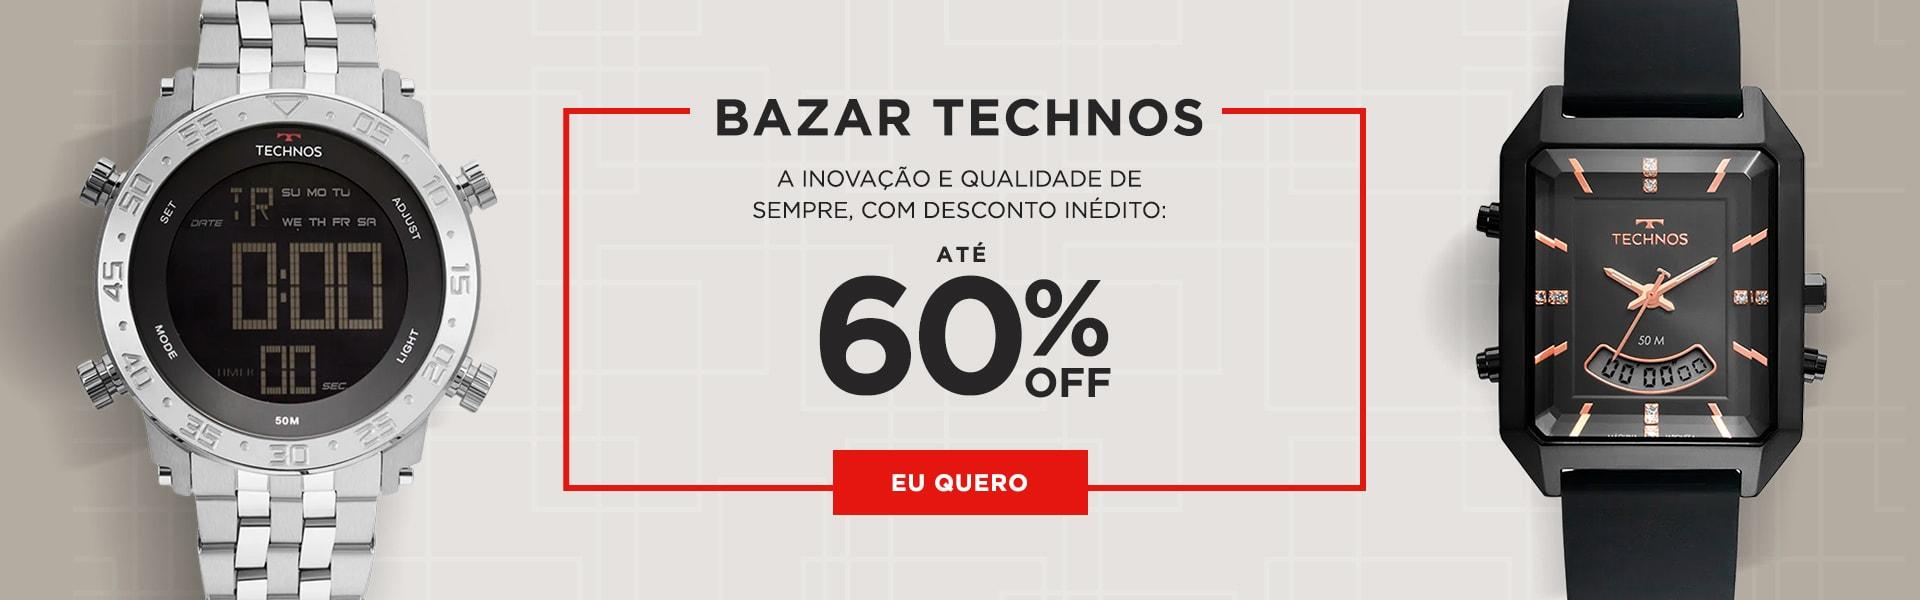 Bazar Technos